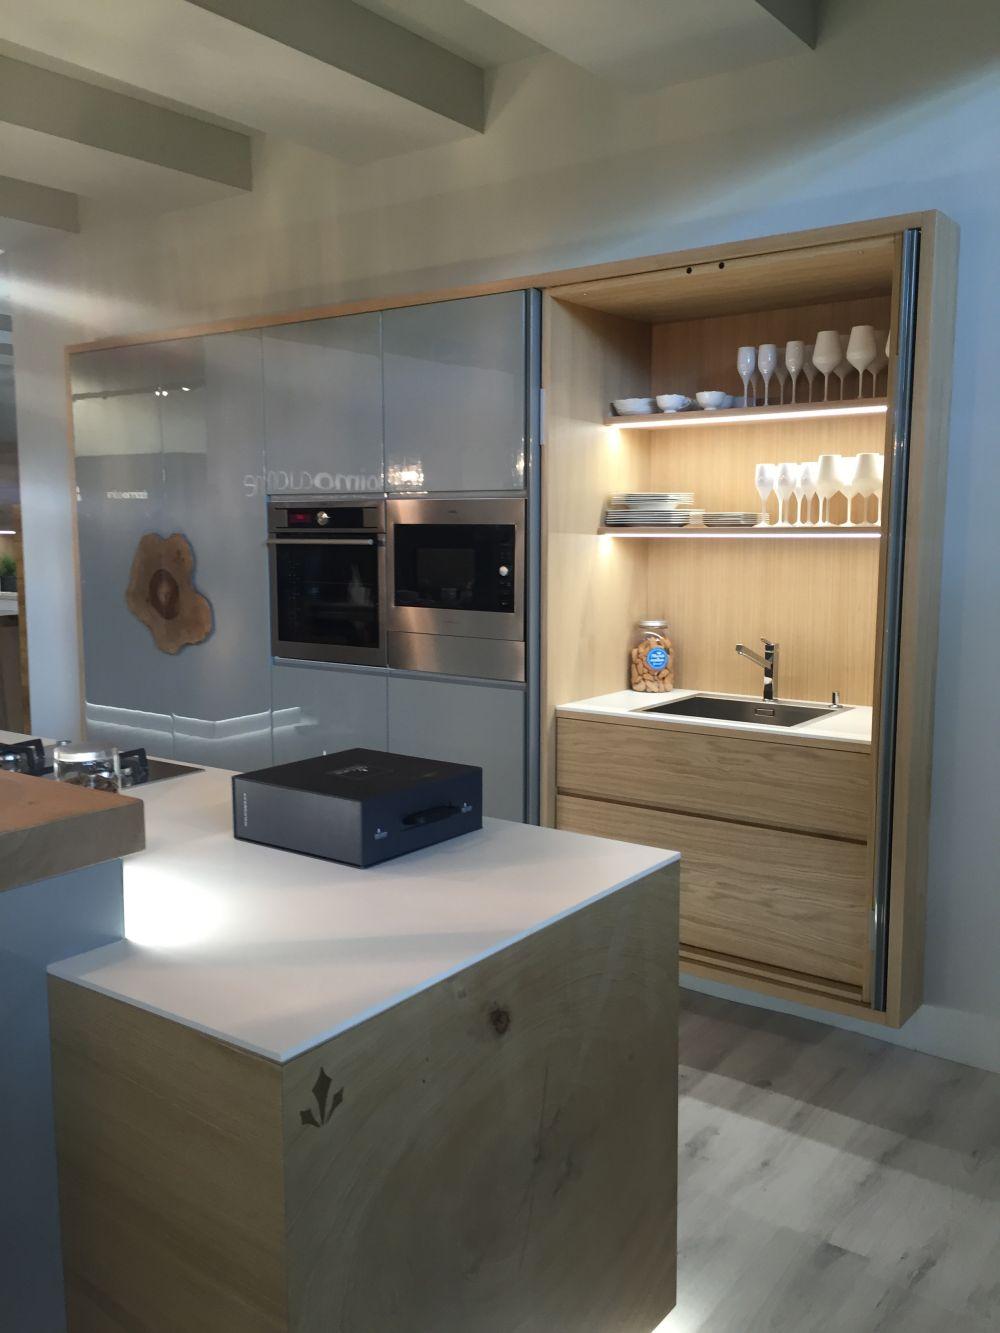 Full Size of Was Kostet Eine Küche Einbauen Zu Lassen Was Kostet Eine Küche Nach Maß Was Kostet Eine Küche Mit Elektrogeräten Was Kostet Eine Küche Mit Geräten Küche Was Kostet Eine Küche